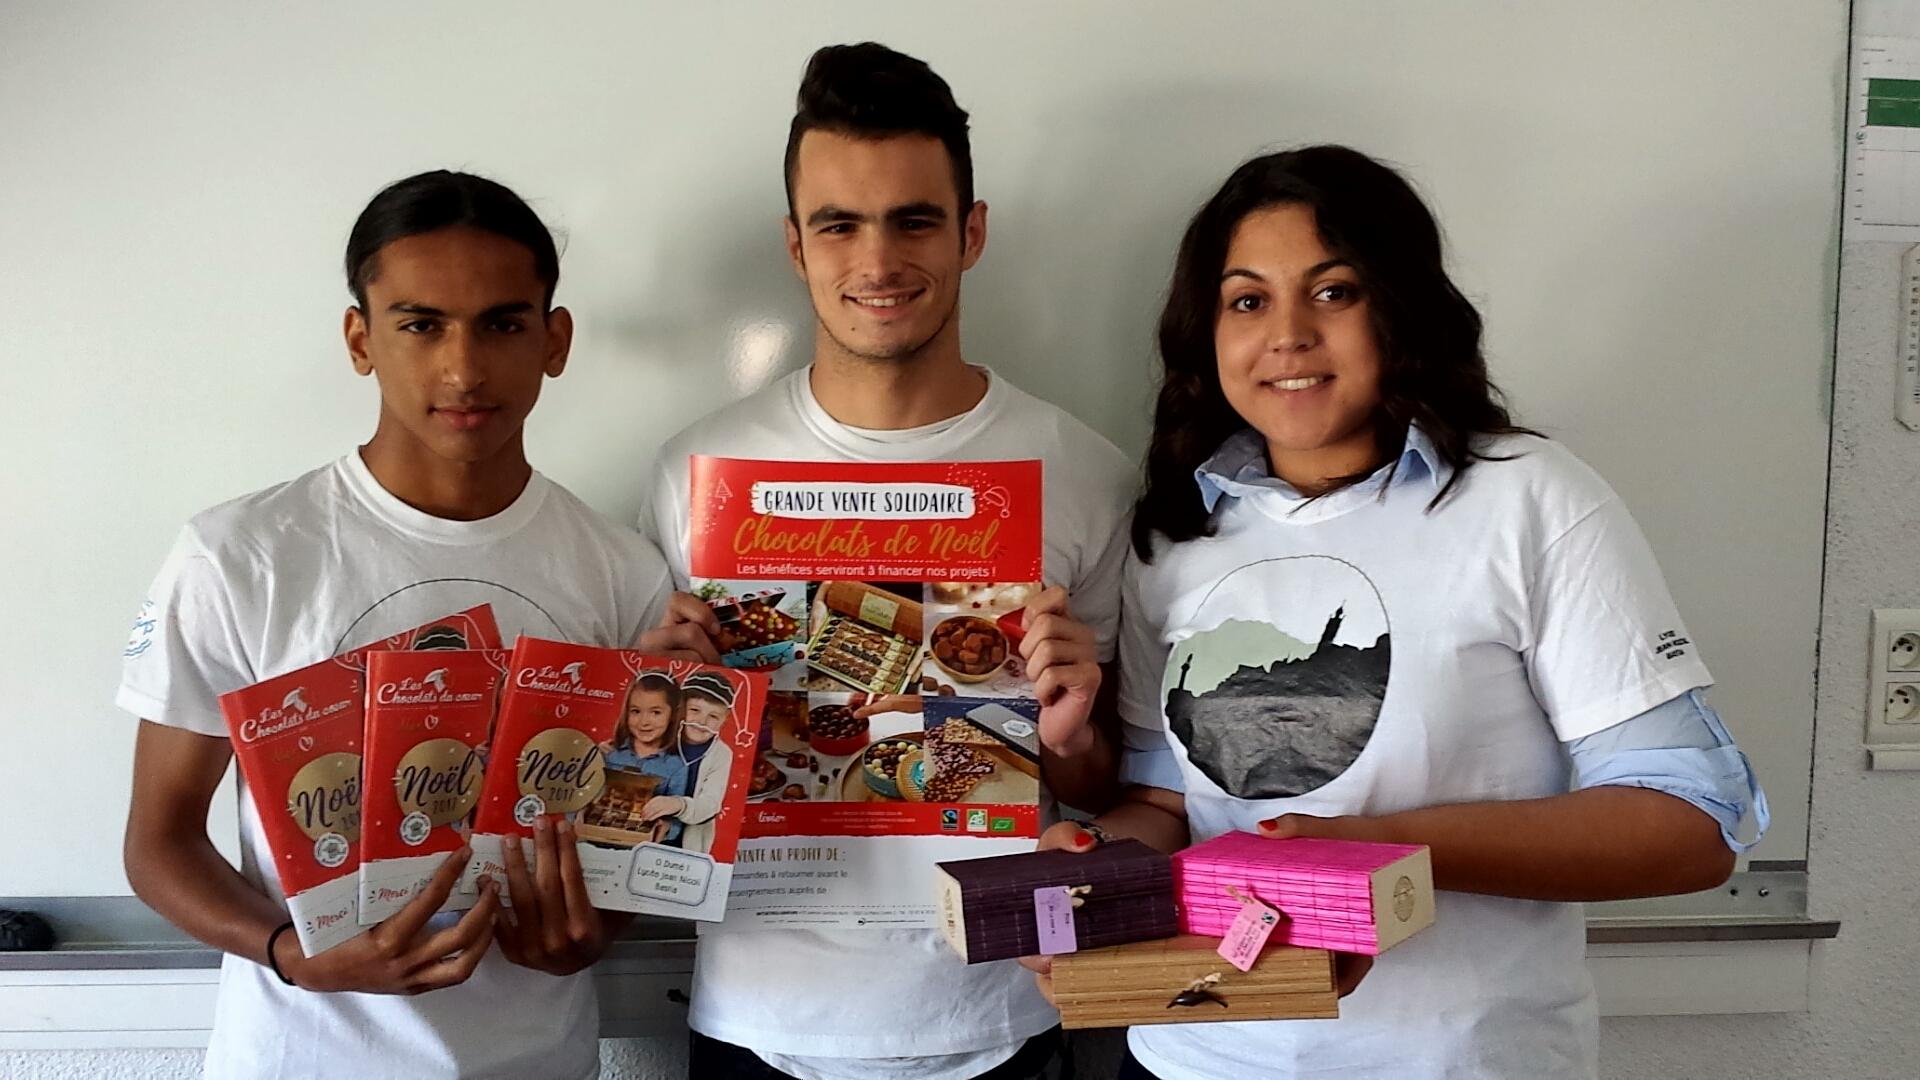 Vente de chocolats pour Noël !